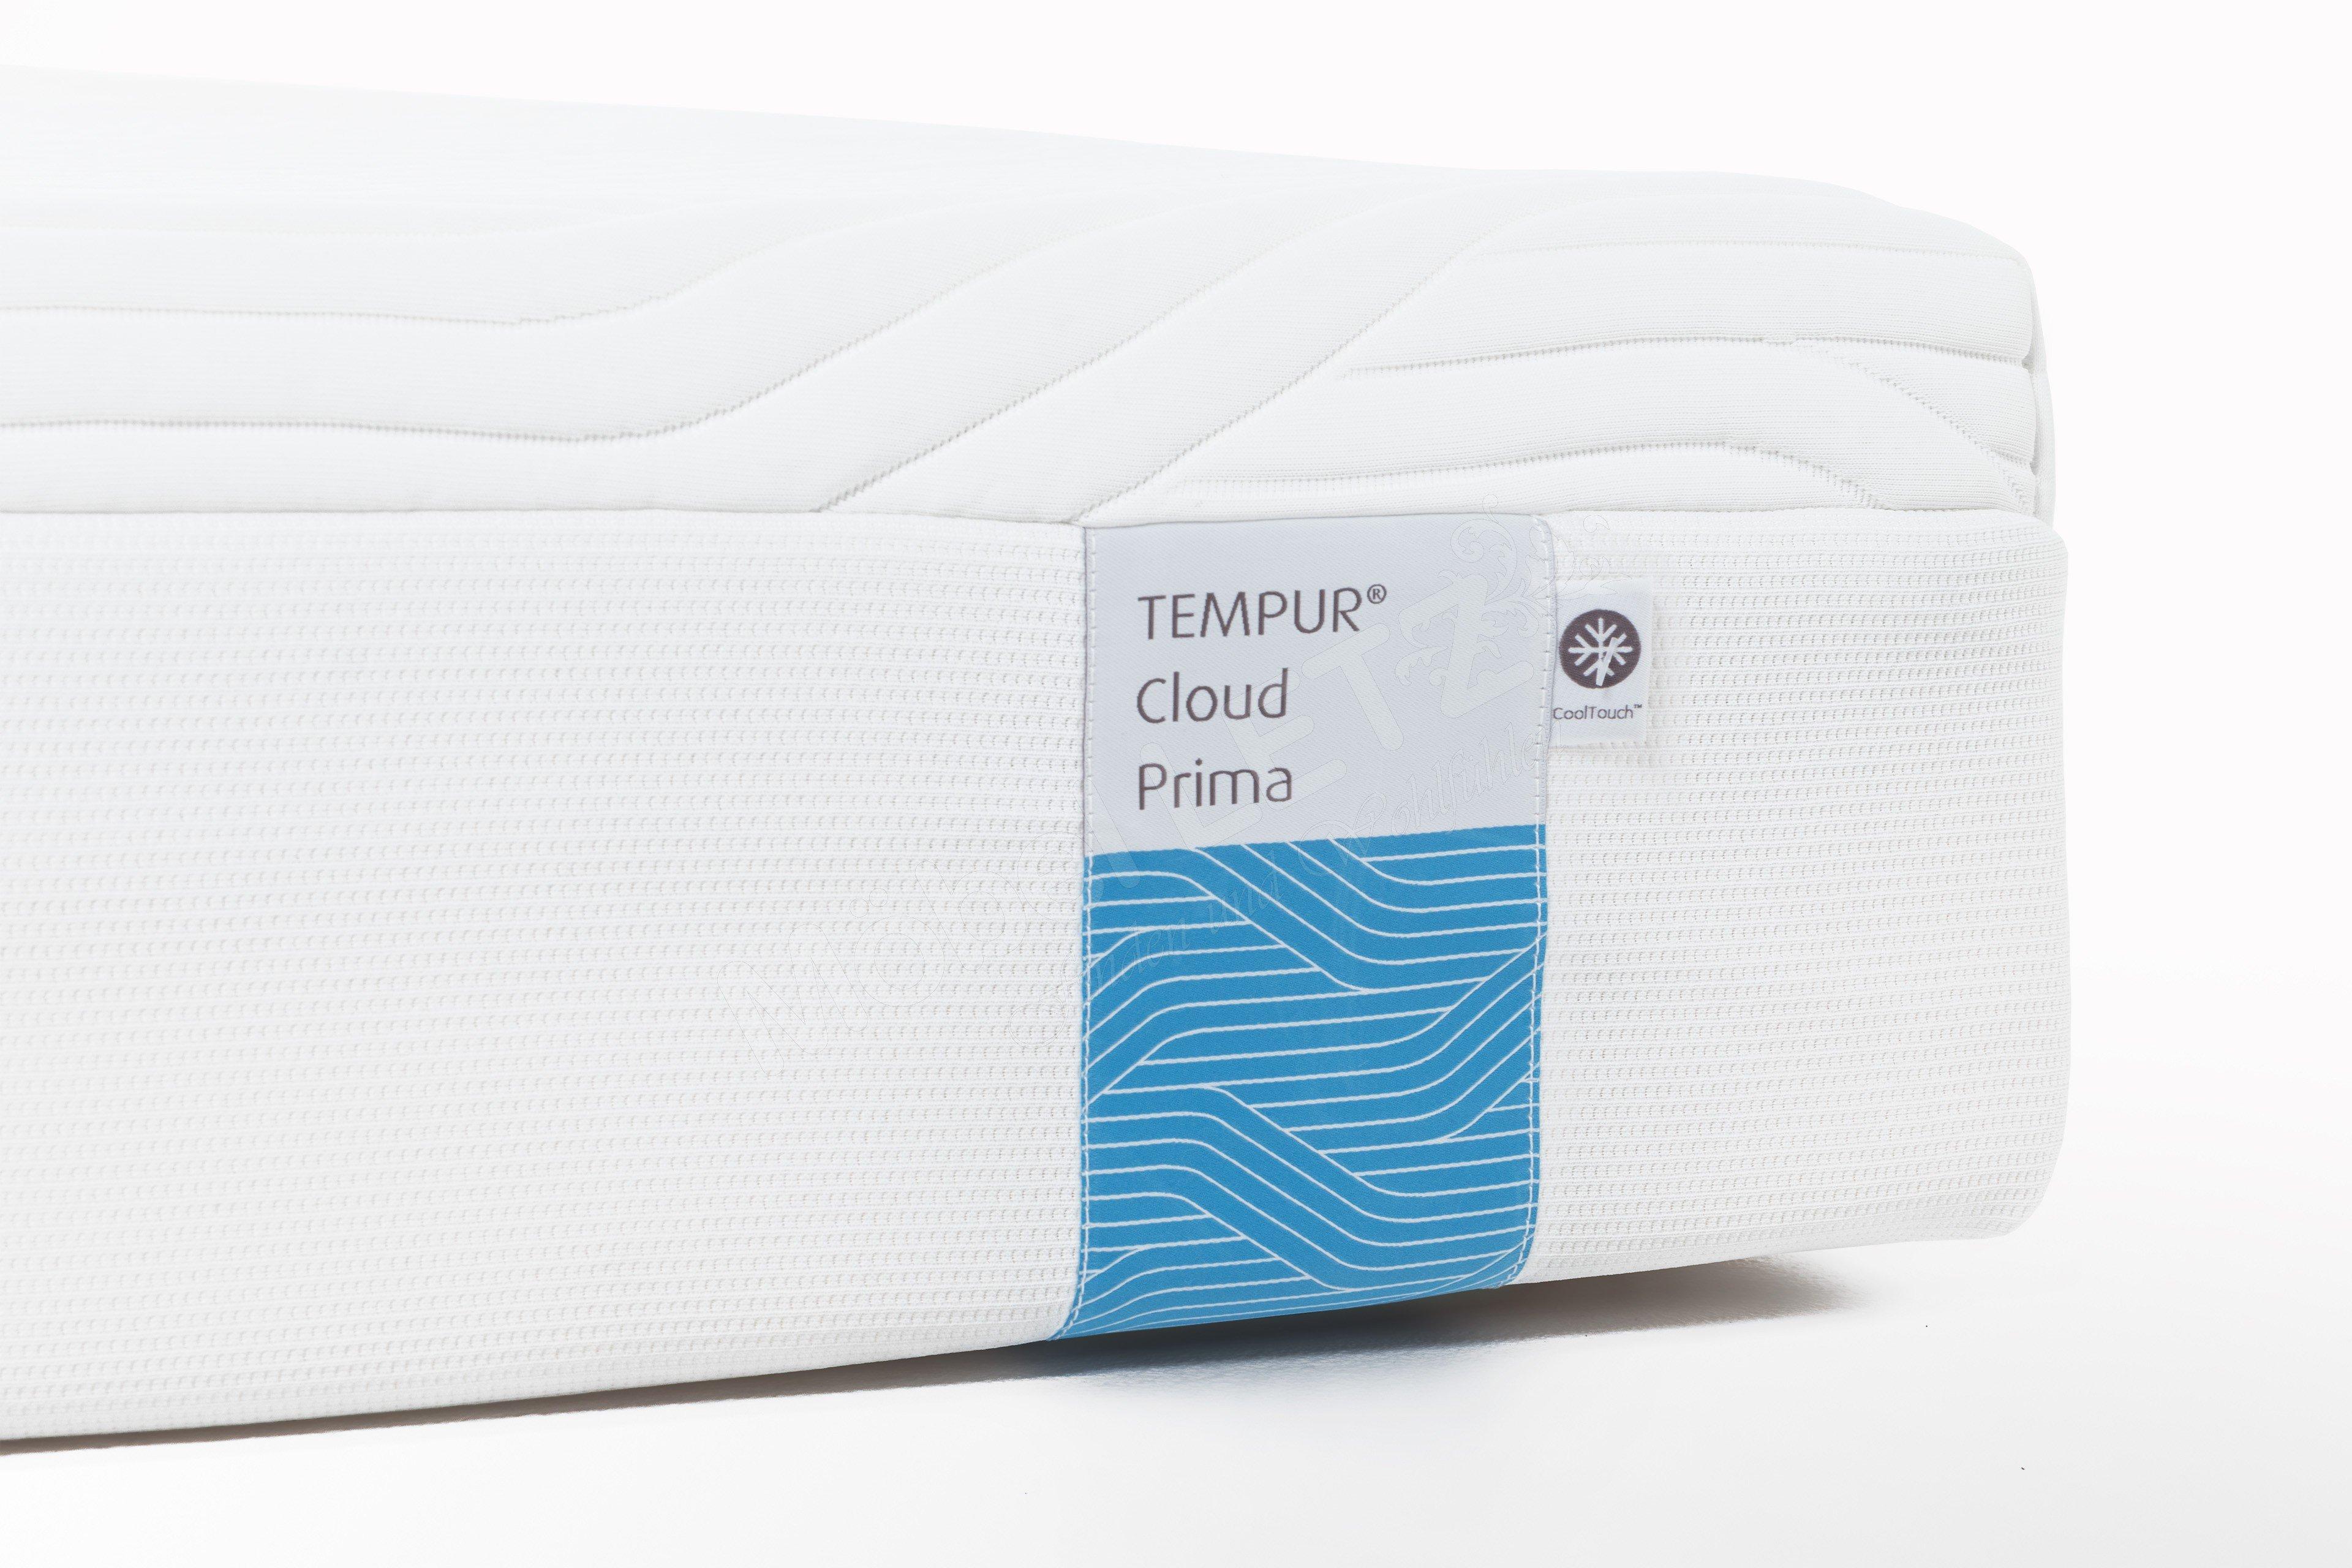 ba4a523c840e0a Tempur Cloud Prime Matratze - für ein weicheres Liegegefühl